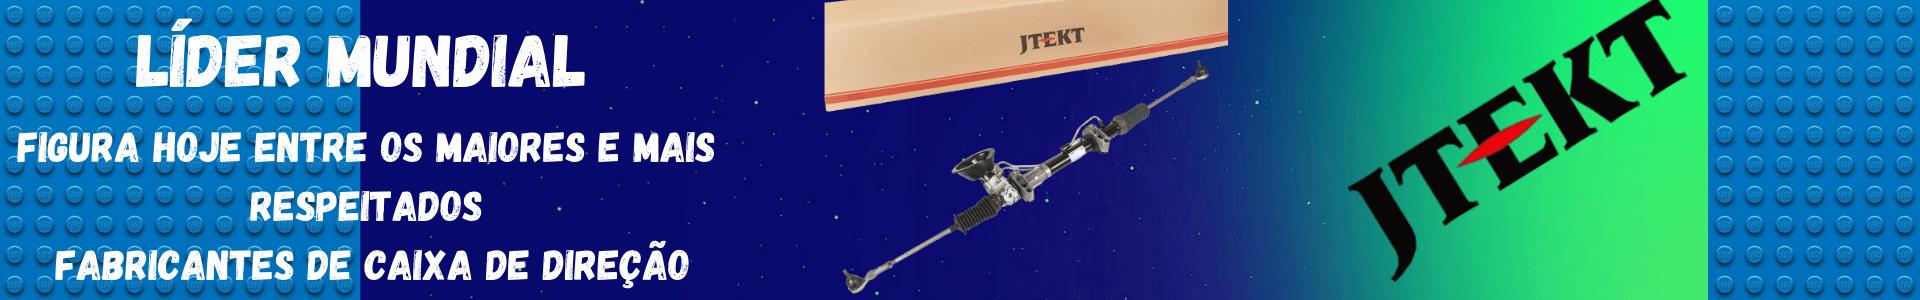 Caixa de Direção Jtekt